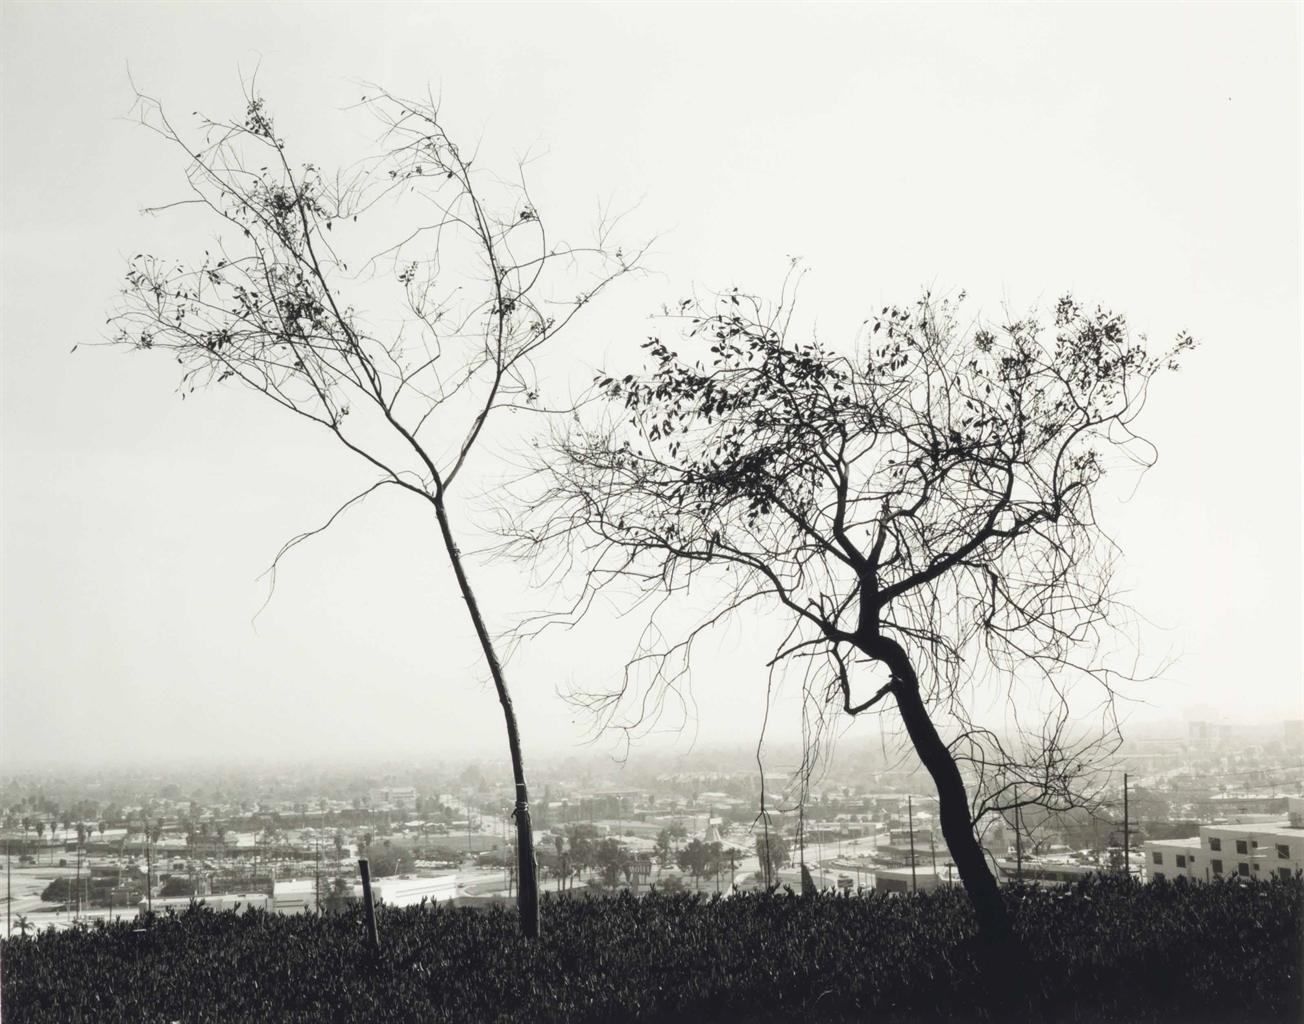 Robert Adams-On Signal Hill, Overlooking Long Beach, California-1983